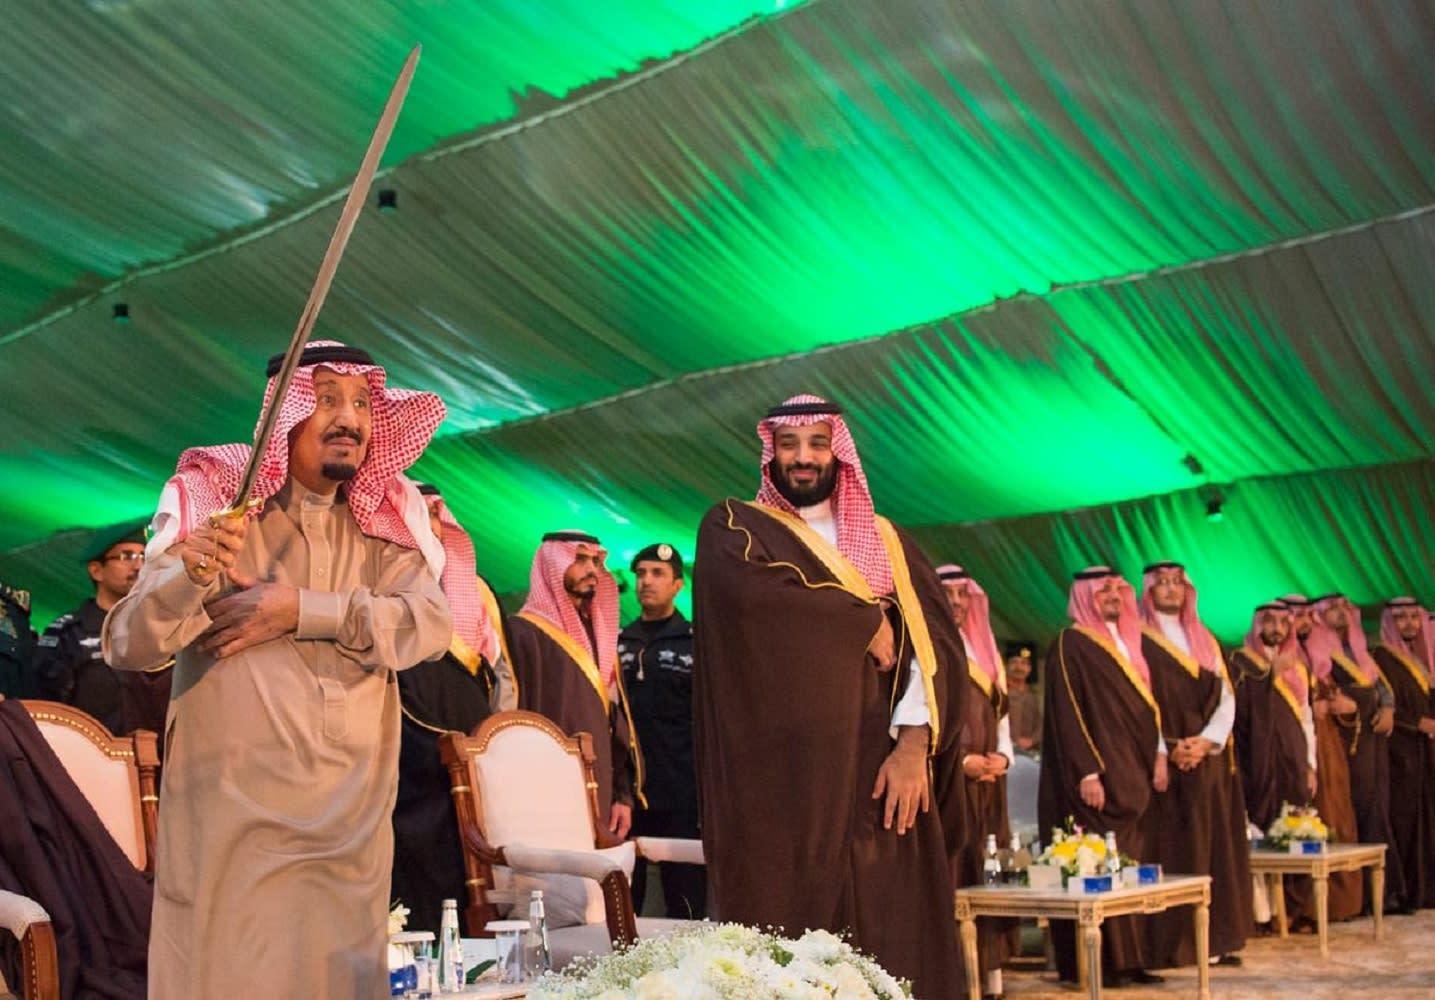 الملك سلمان يؤدي العرضة السعودية بجوار ولي العهد في تبوك